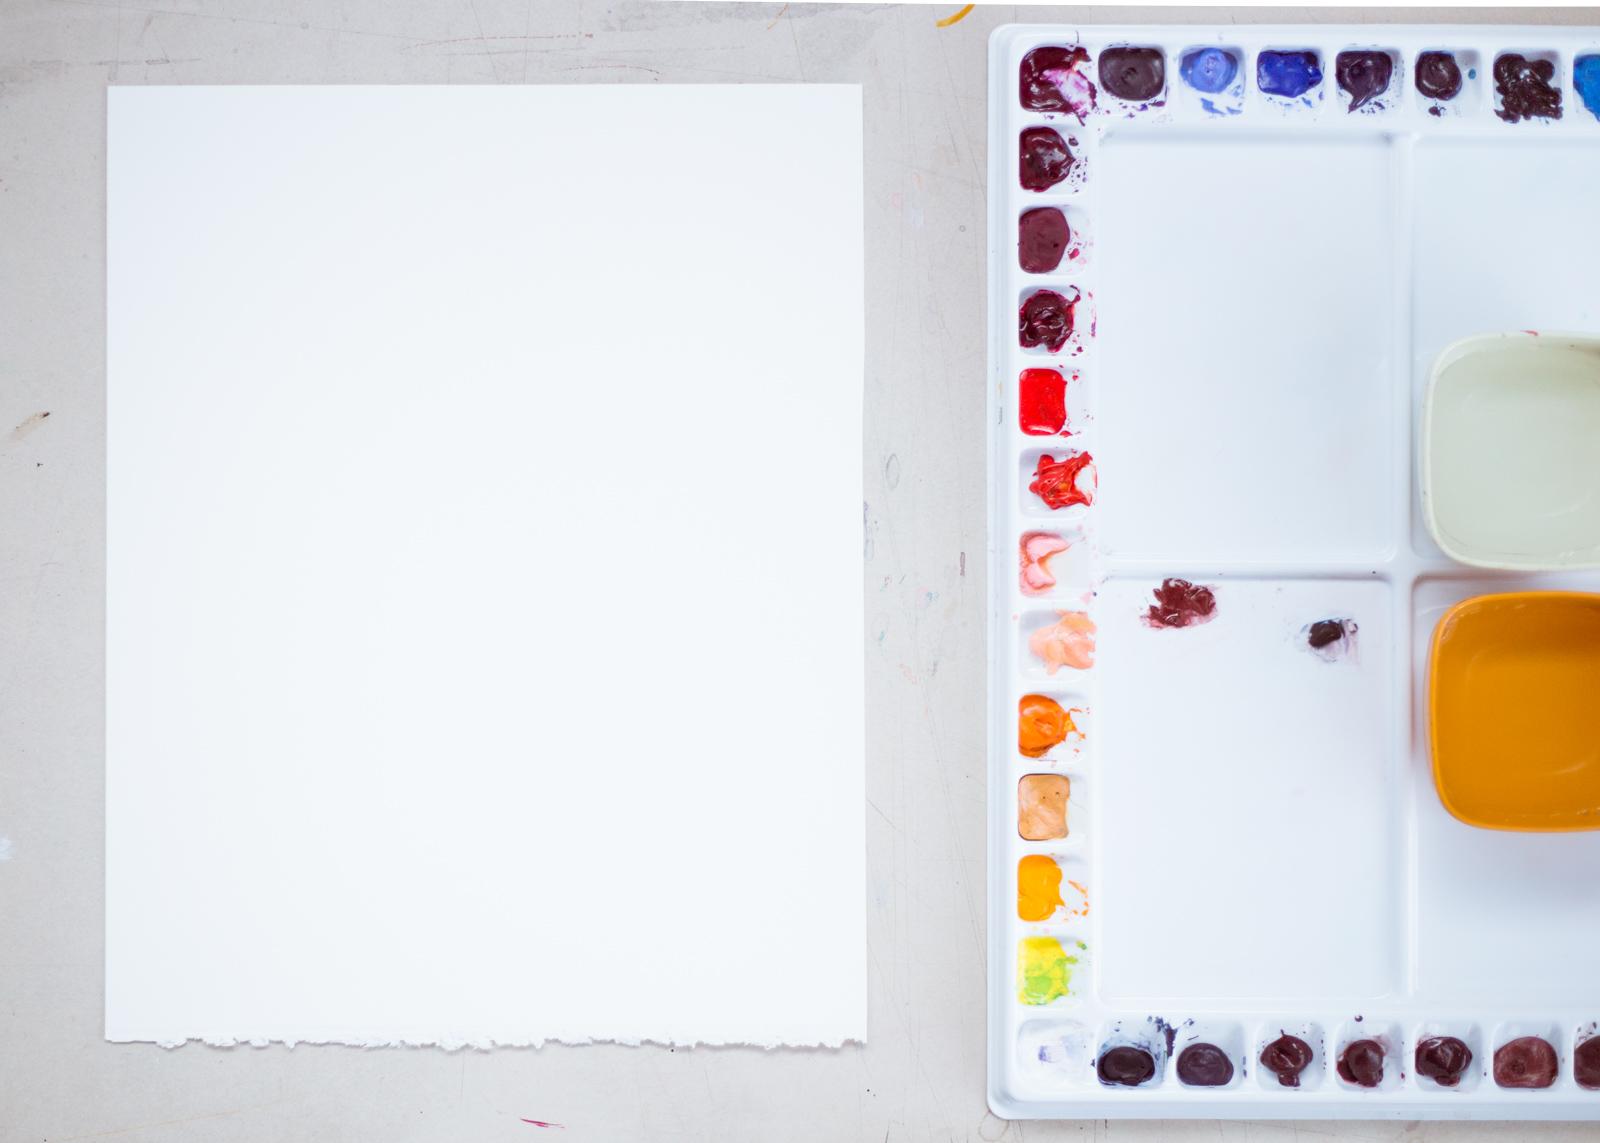 watercolor_classes_tutorial_materials_durham_nc_paper_hot_press_arches.jpg